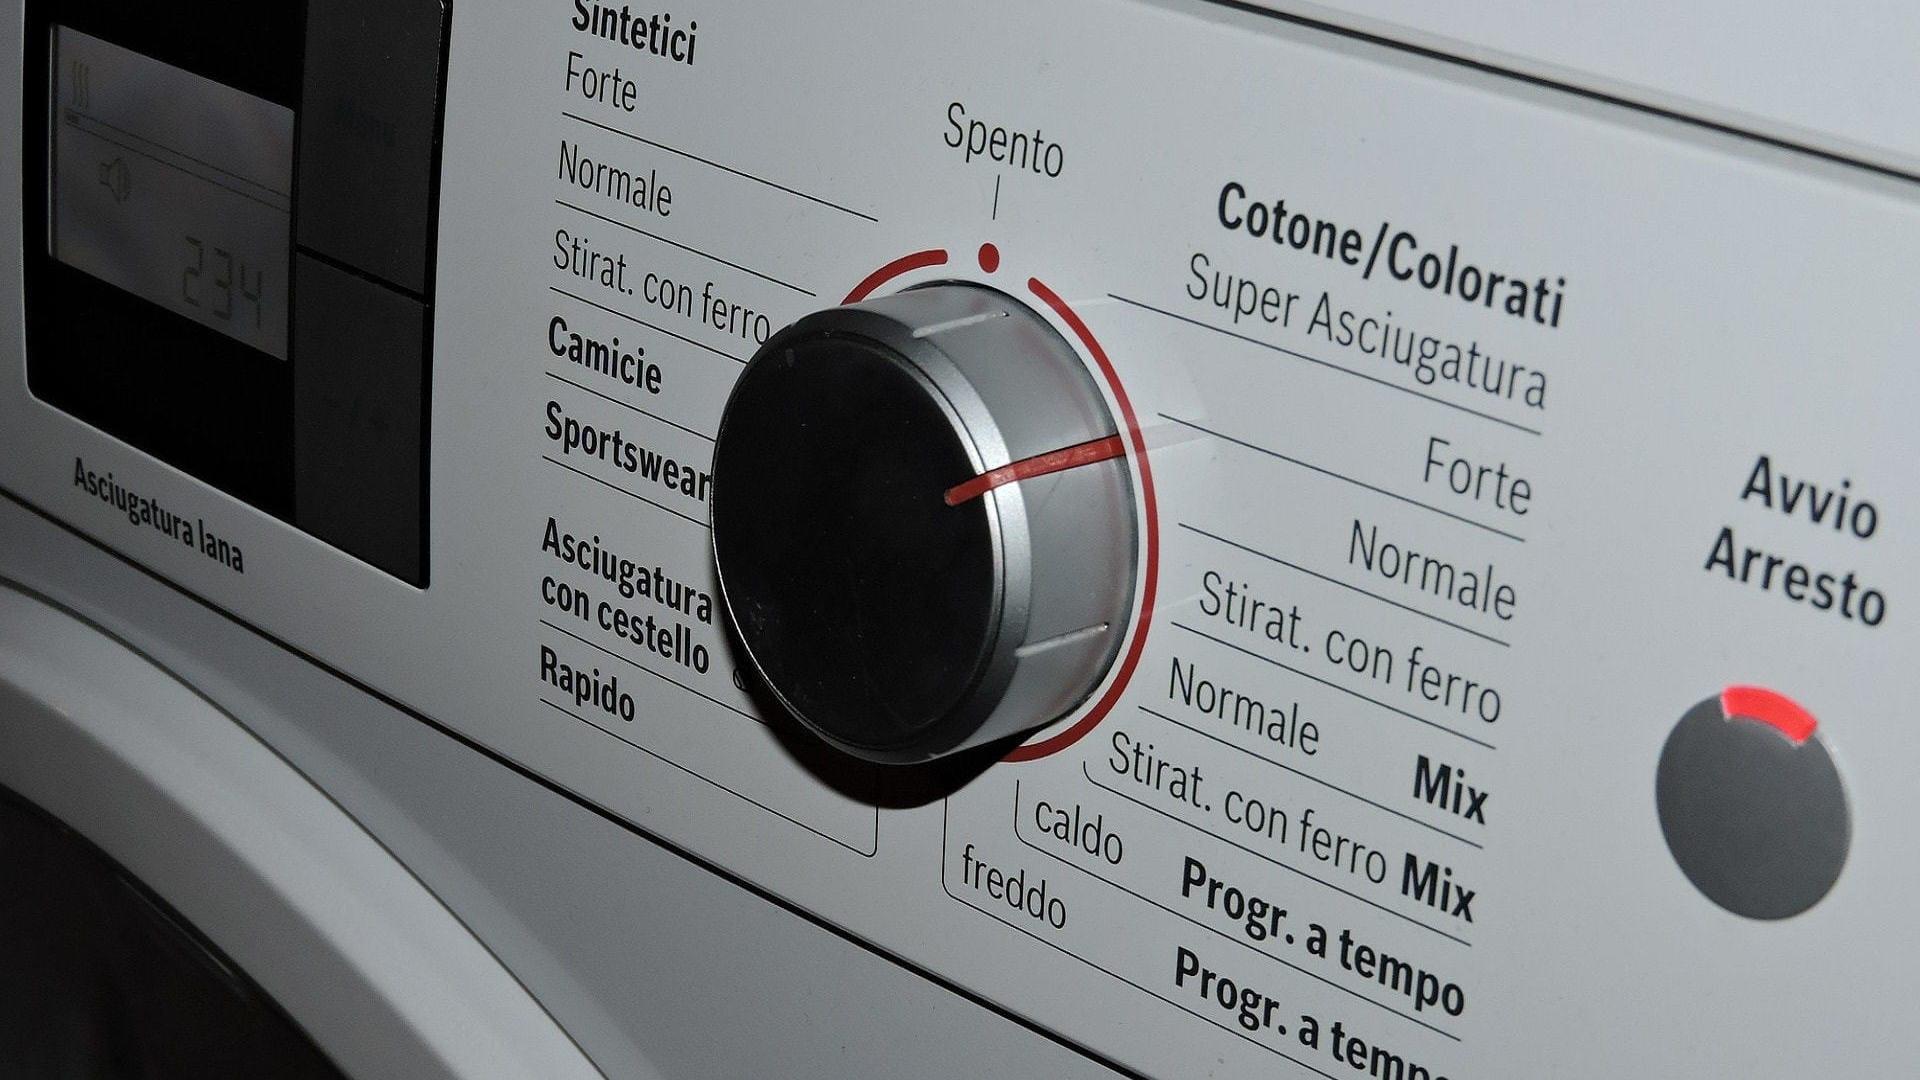 Beko È Una Sottomarca i migliori 30 tecnici per lavatrice siemens a rimini (con